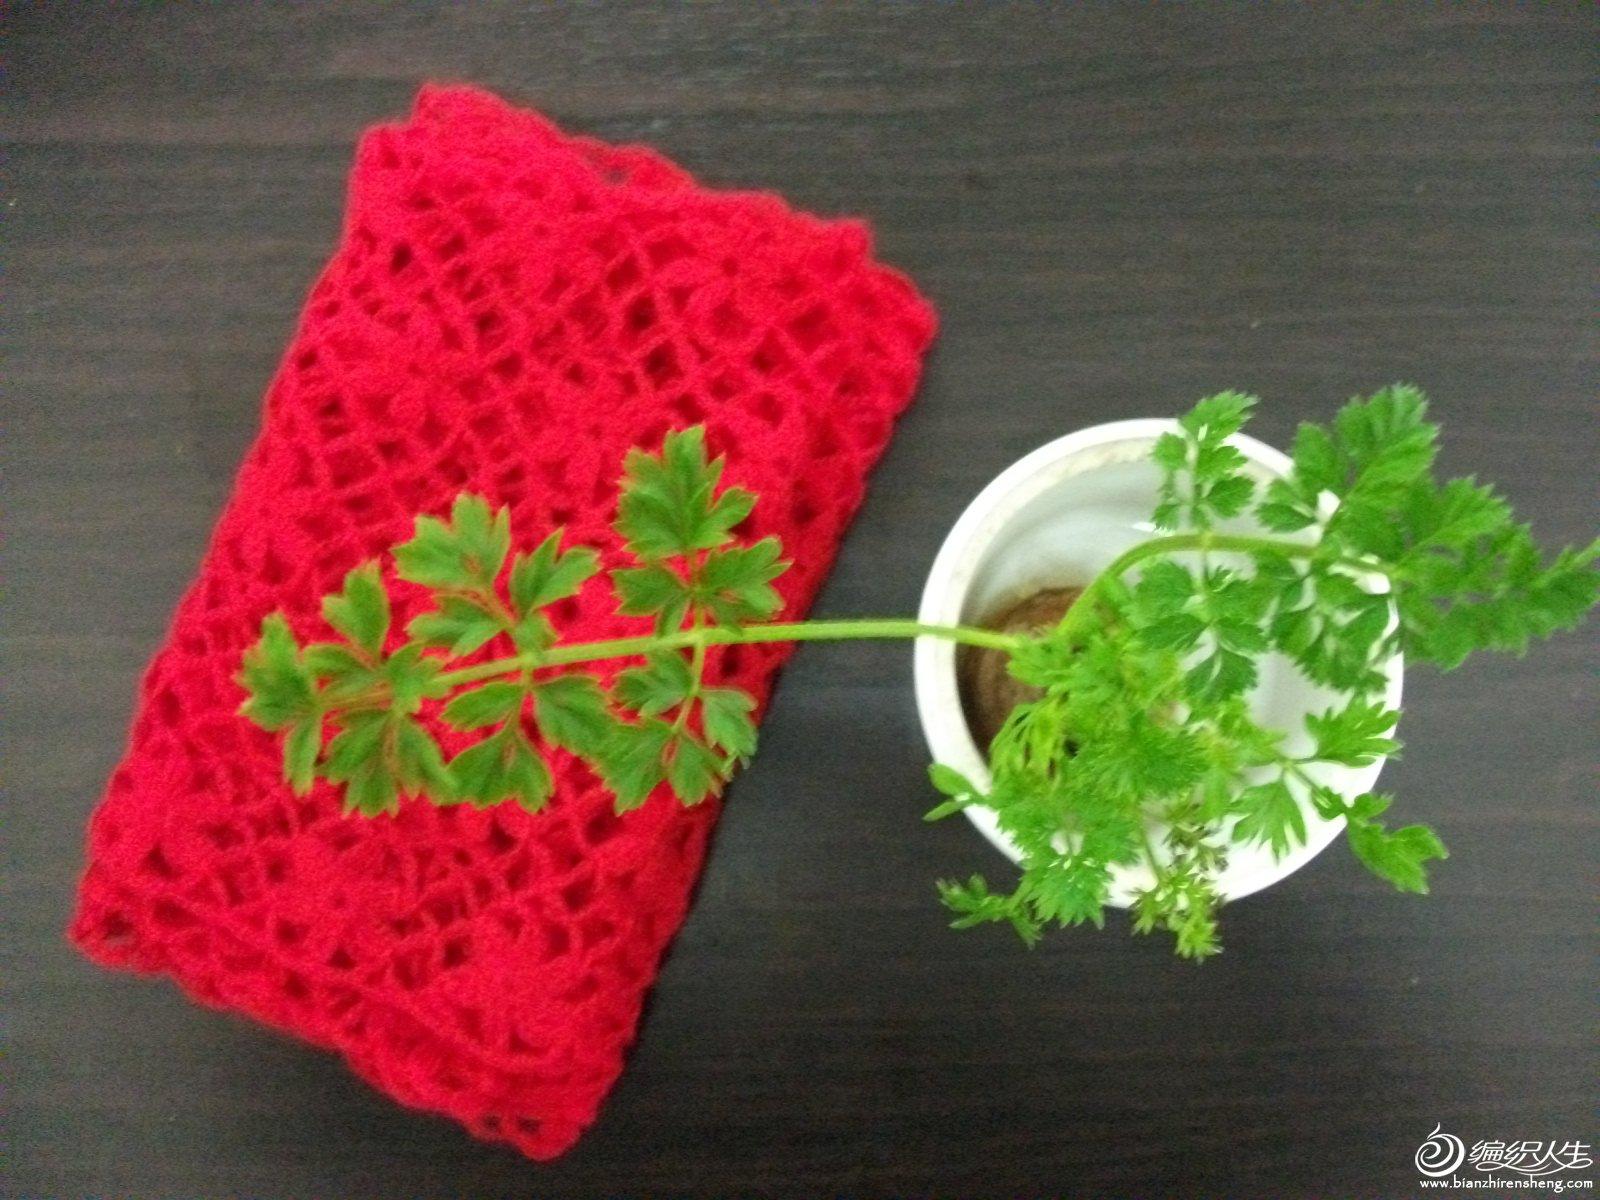 红围巾 009.jpg